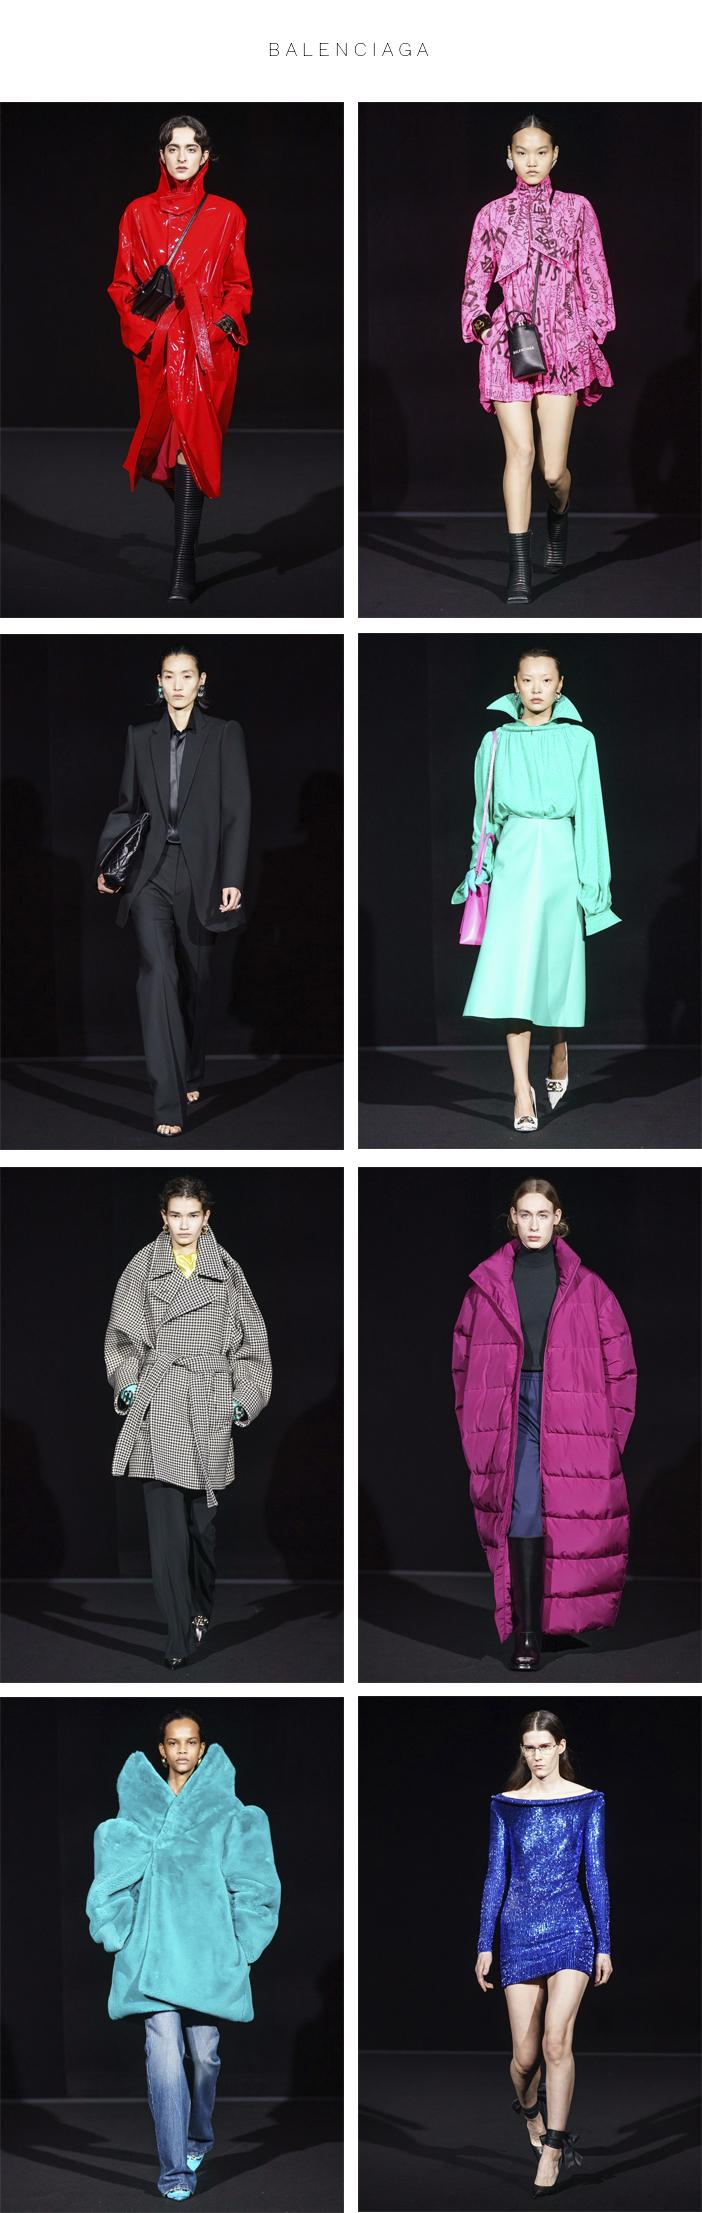 Semana de Moda de Paris - Inverno 2019 - Parte 2 - Balenciaga